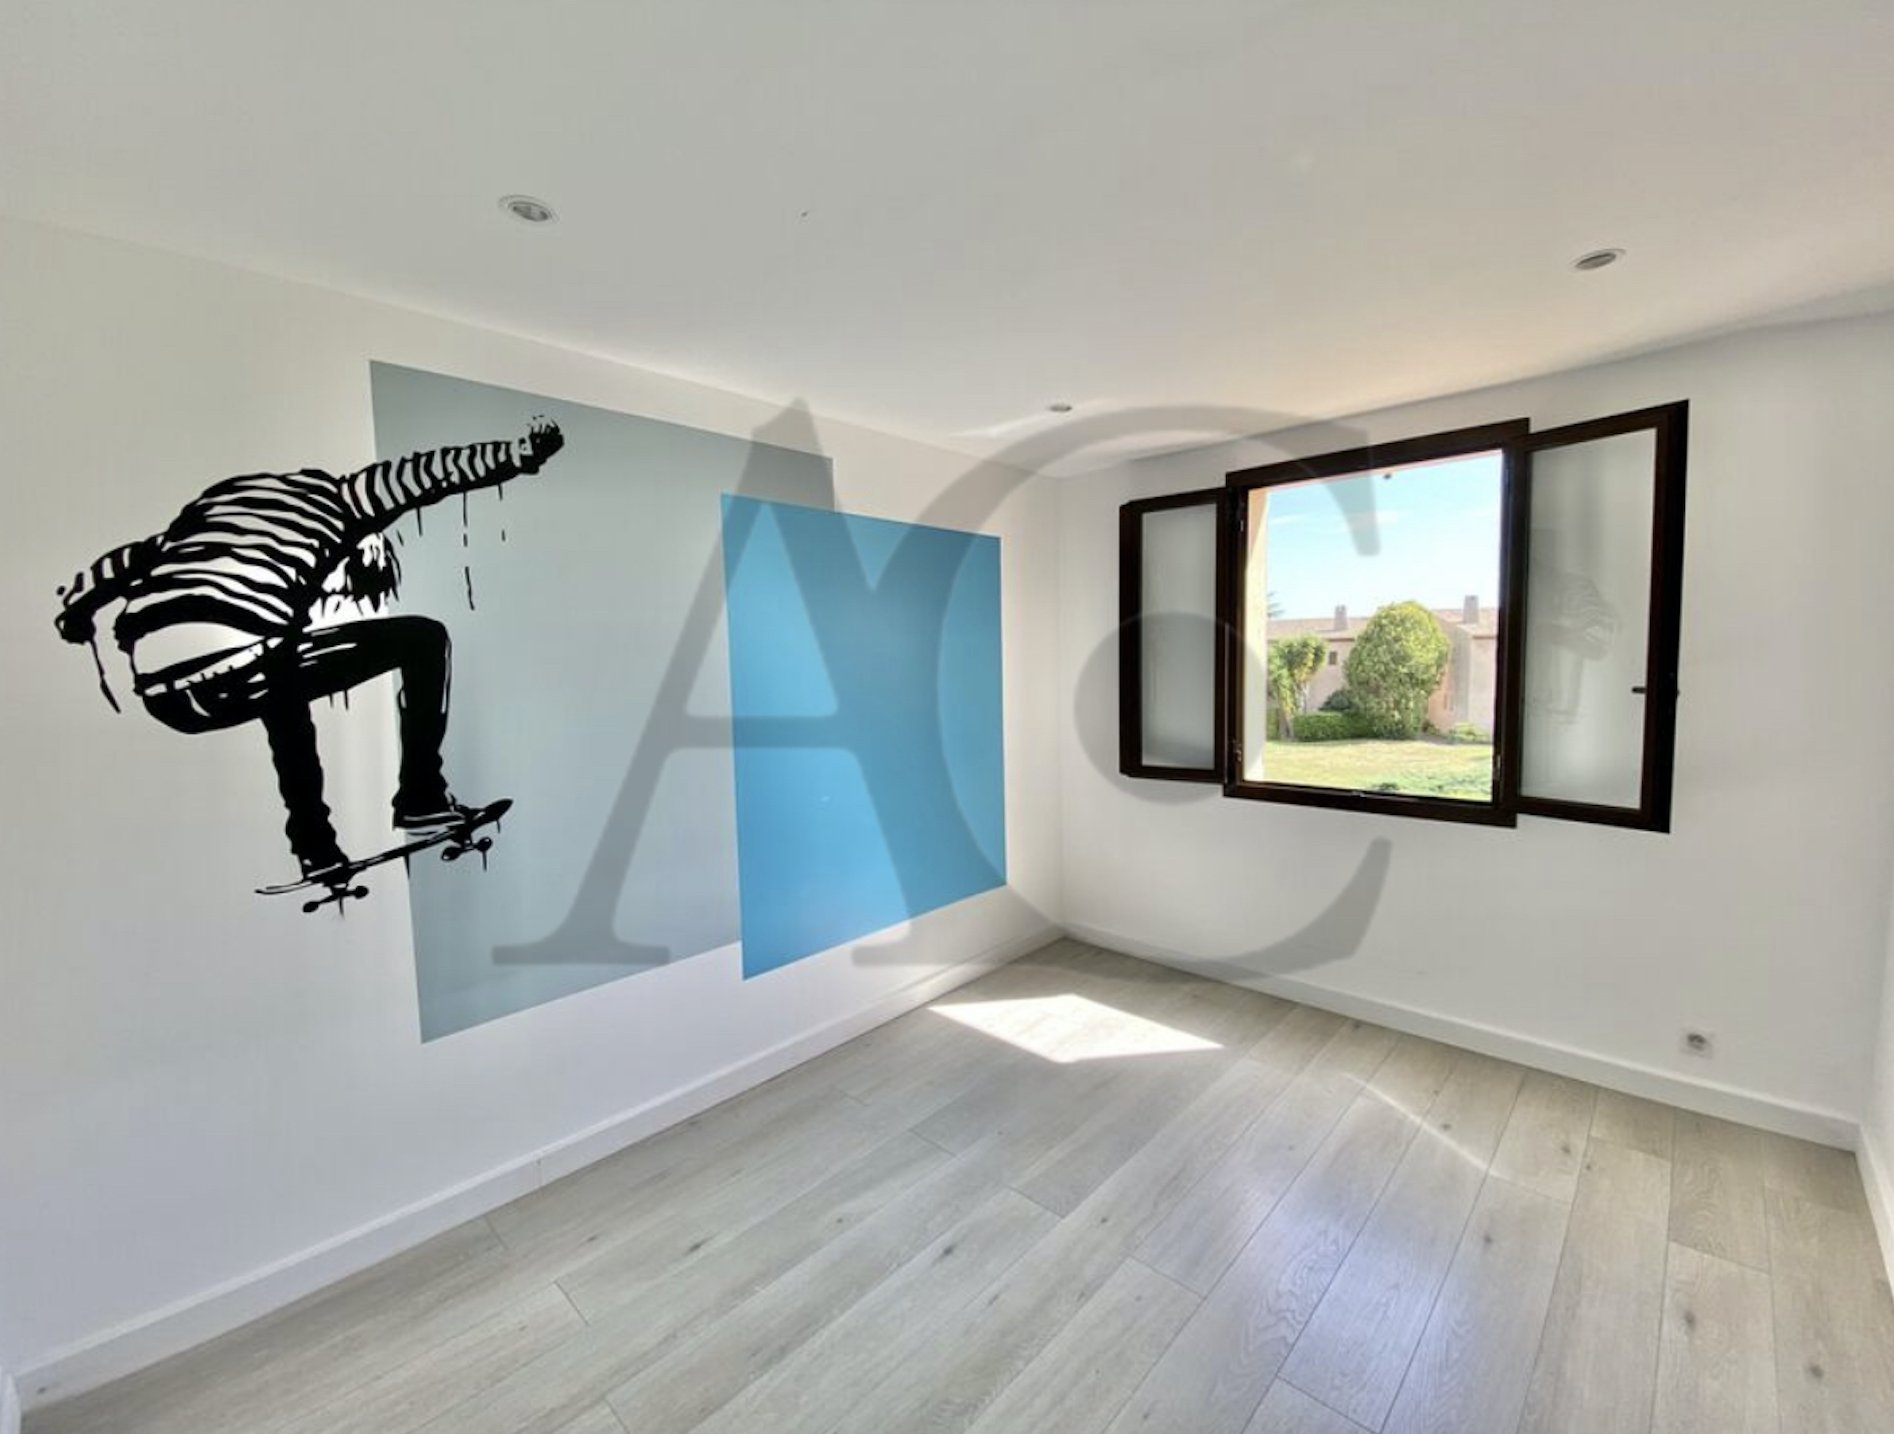 EXCLUSIVITE ! Magnifique Appartement 3 Pièces